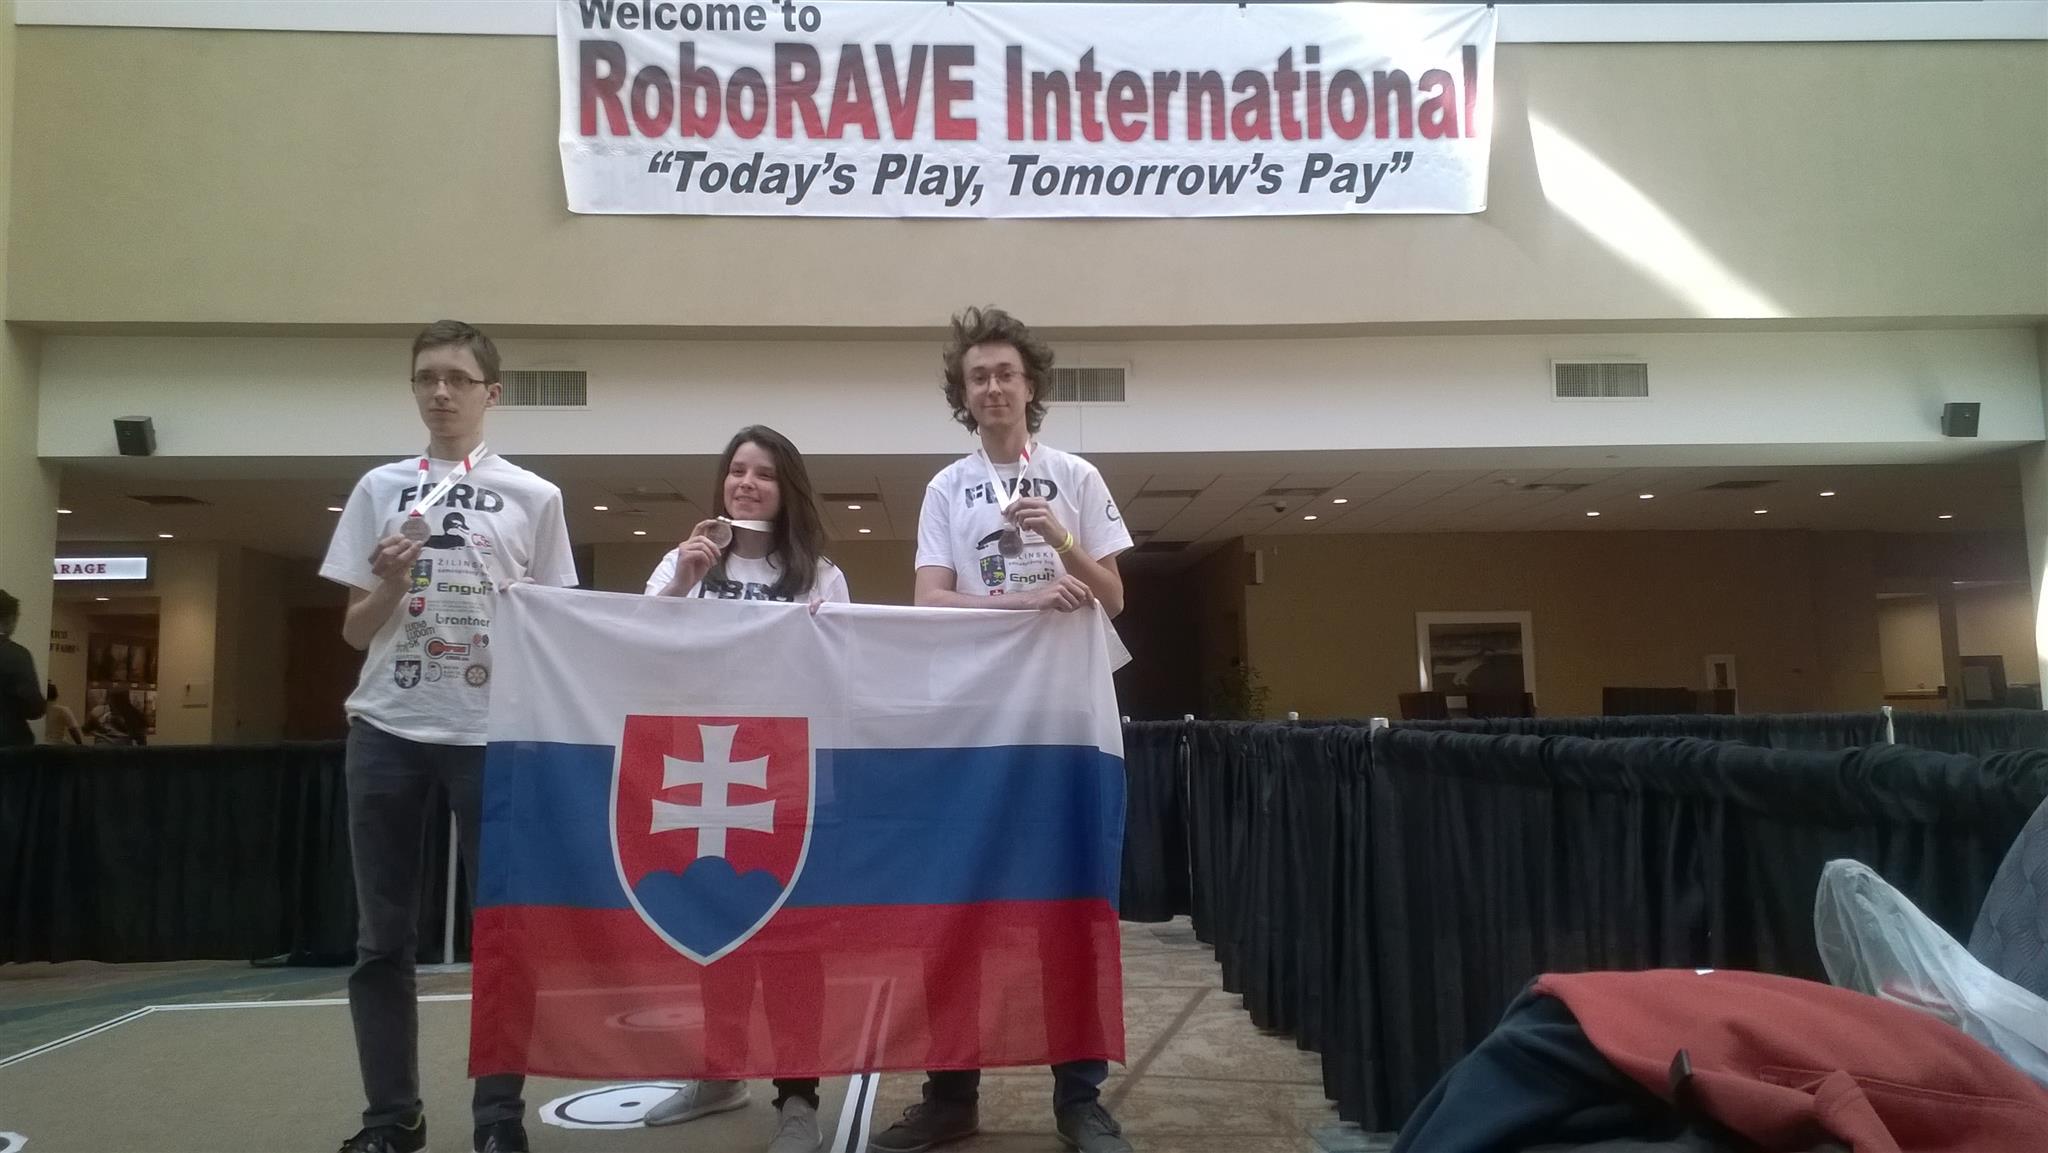 Víťazi národného kola RoboRAVE na celosvetovom finále RoboRAVE International 2018